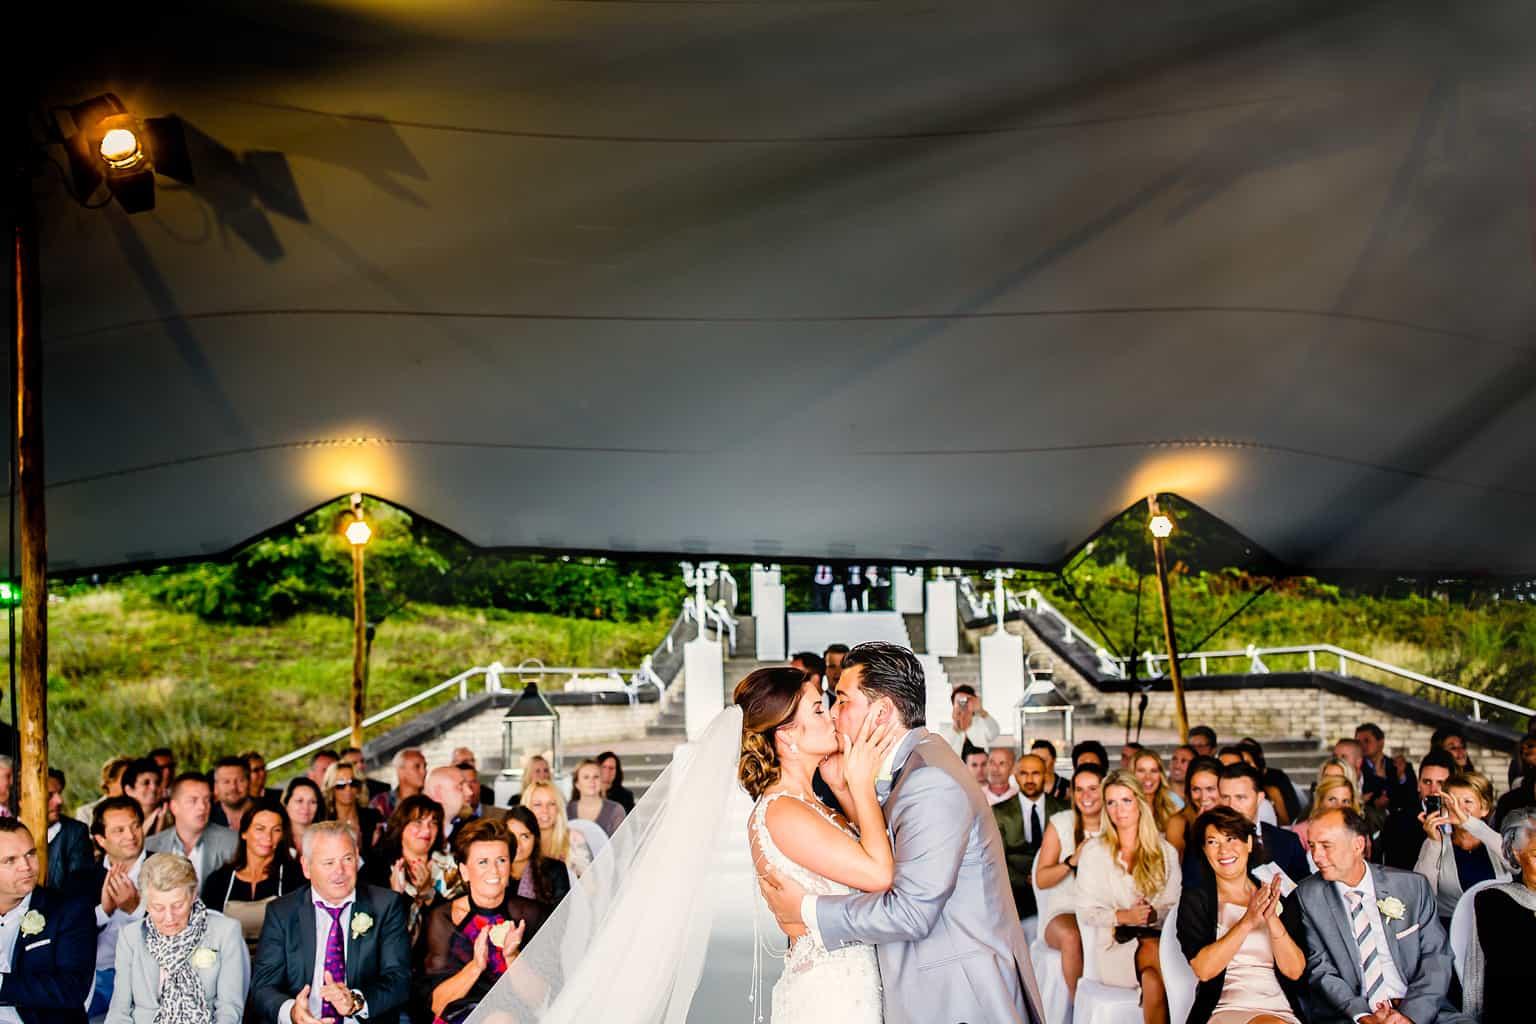 fotocredits Eppel Fotografie, de kus na het ja woord, trouwen , Weddingplanner, wedding en planning